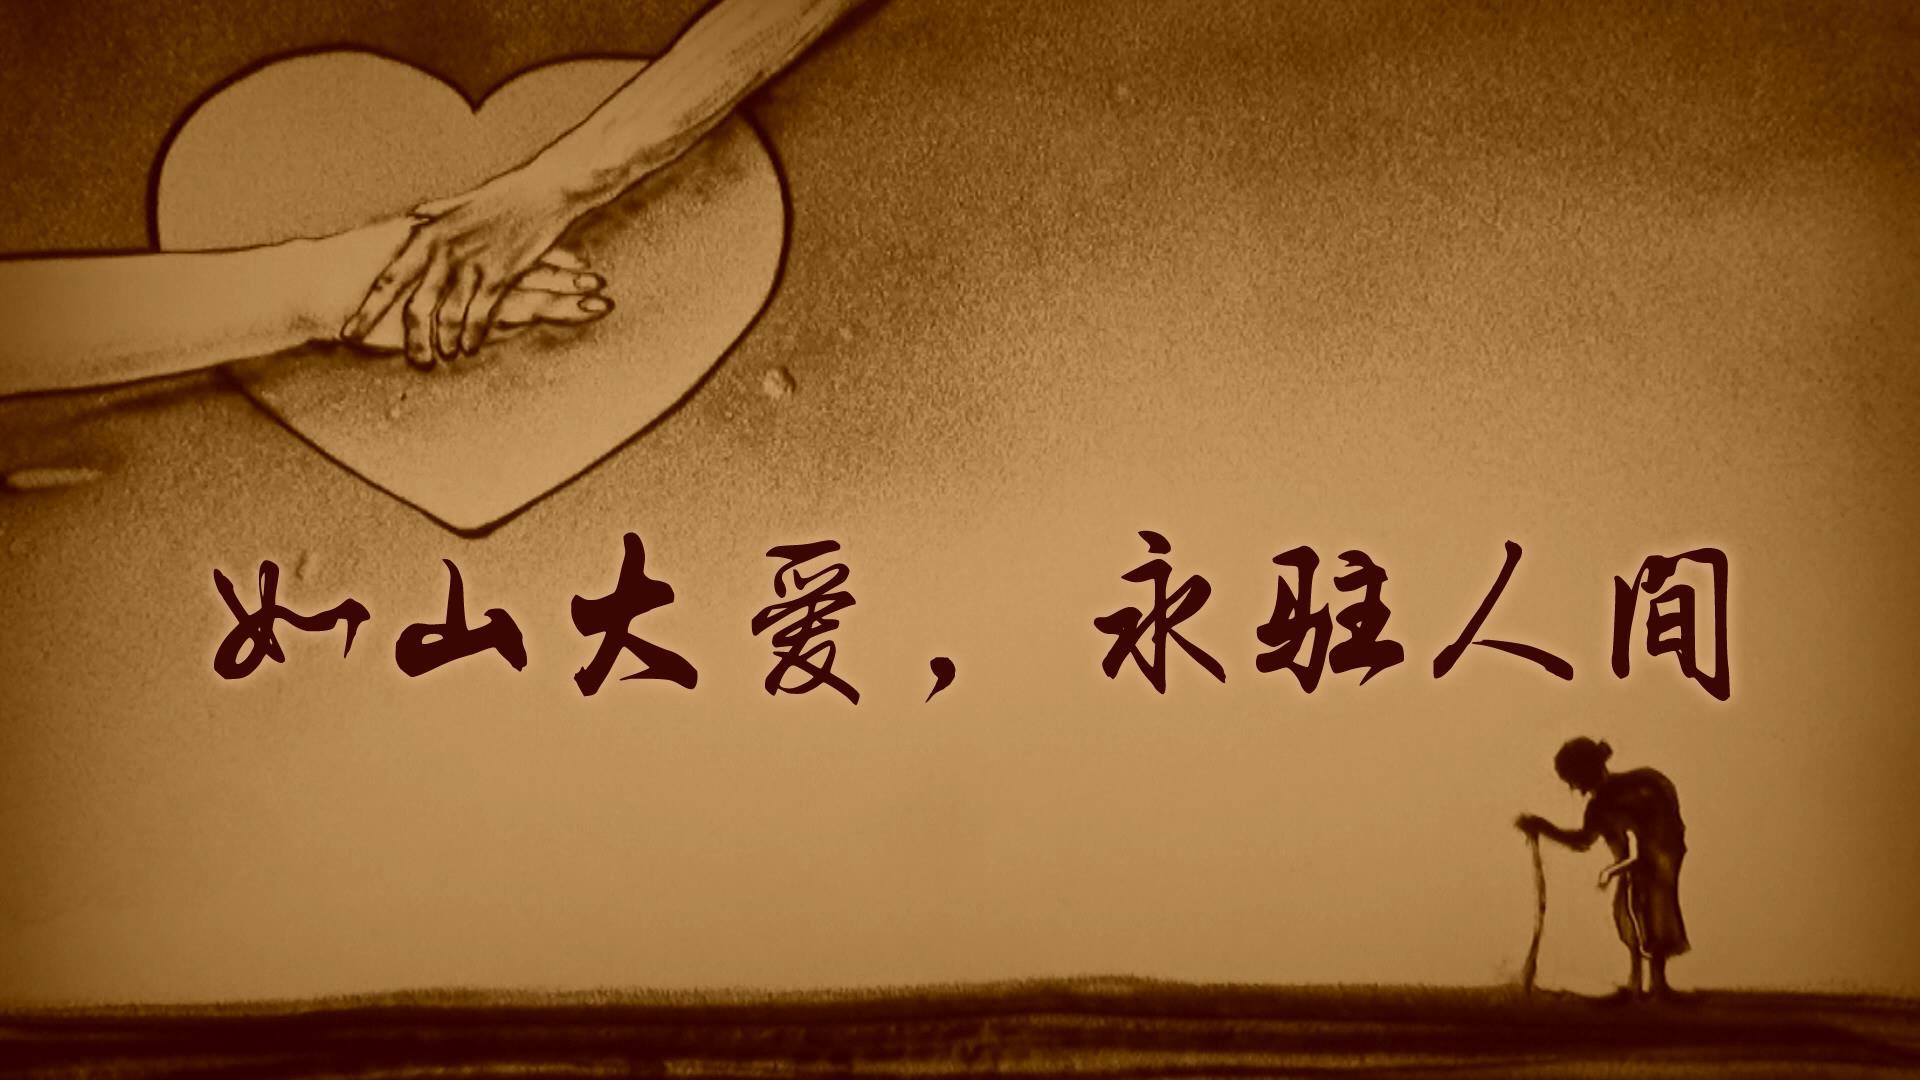 沙畫《如山大愛》——中國好人許張氏[00_00_15][20190404-155123].jpg